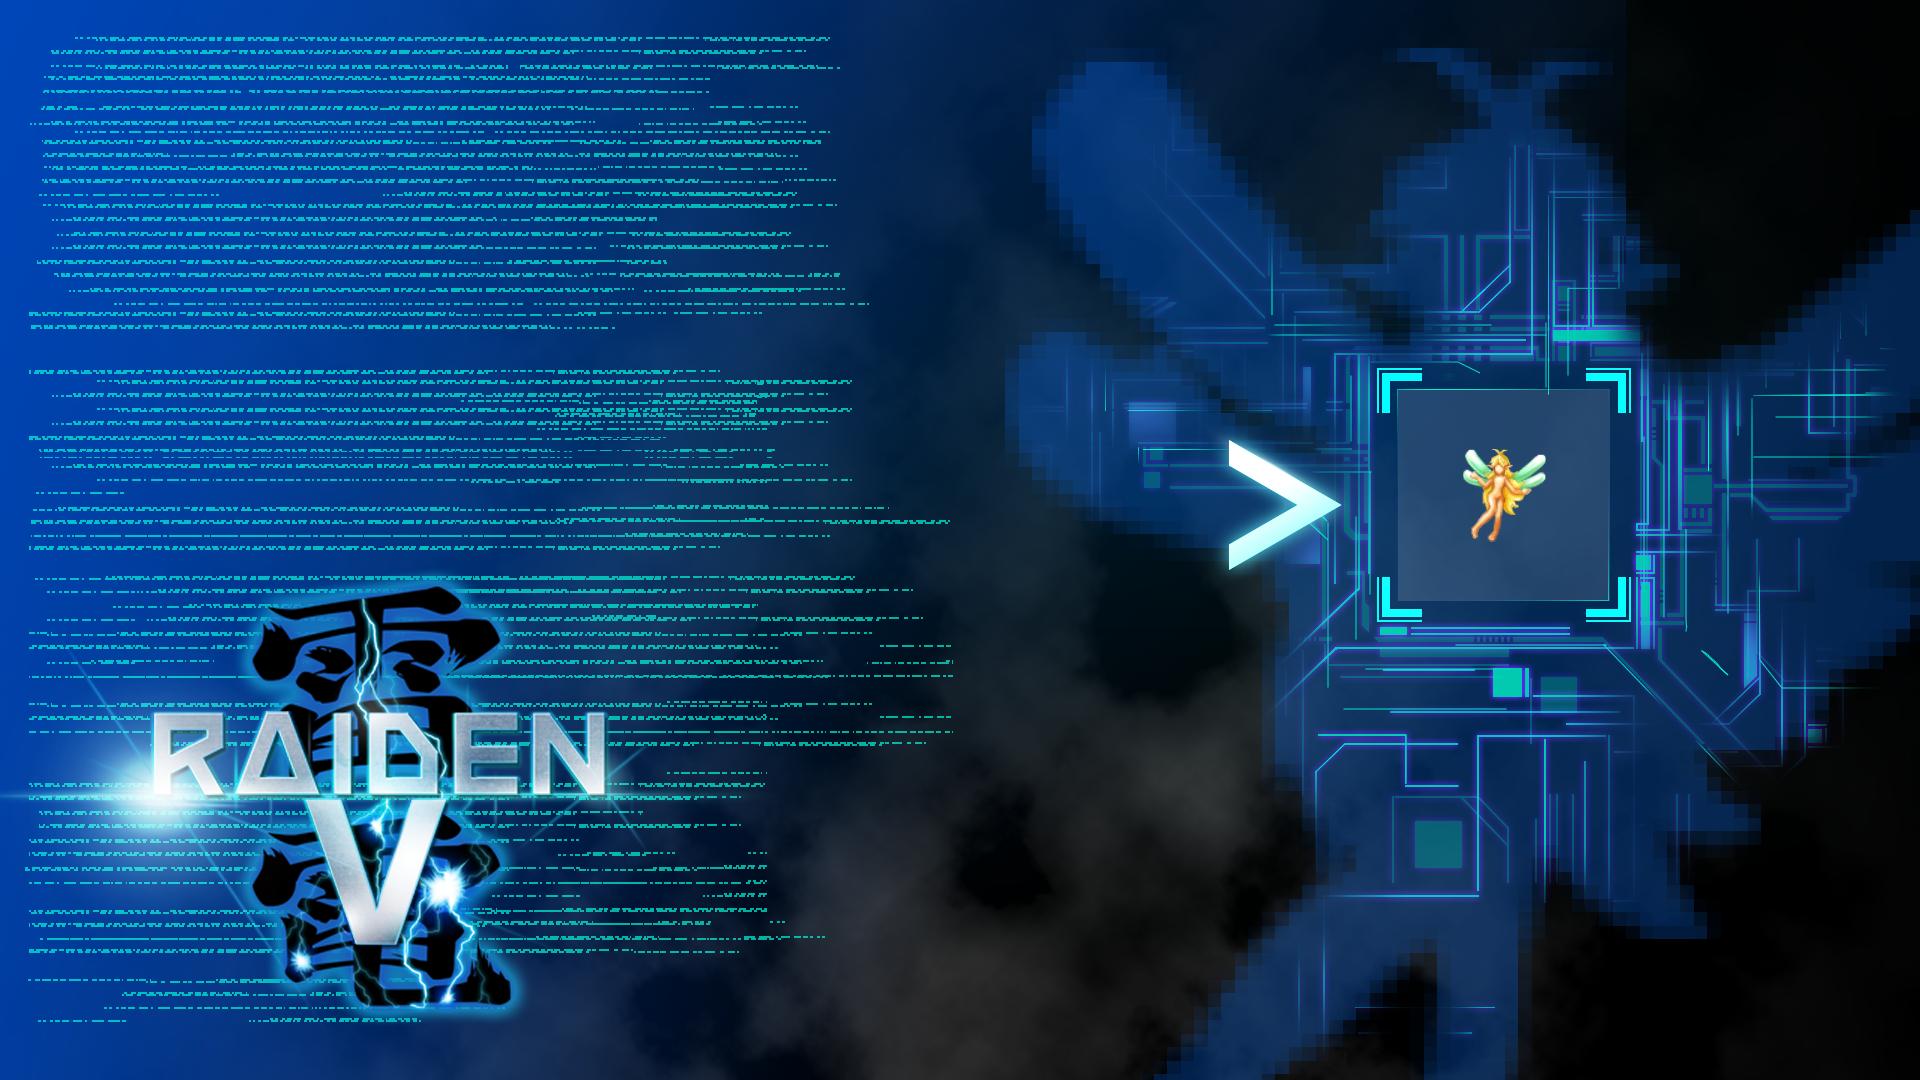 スペシャルミッション 「妖精救出」 achievement for Raiden V on Xbox One